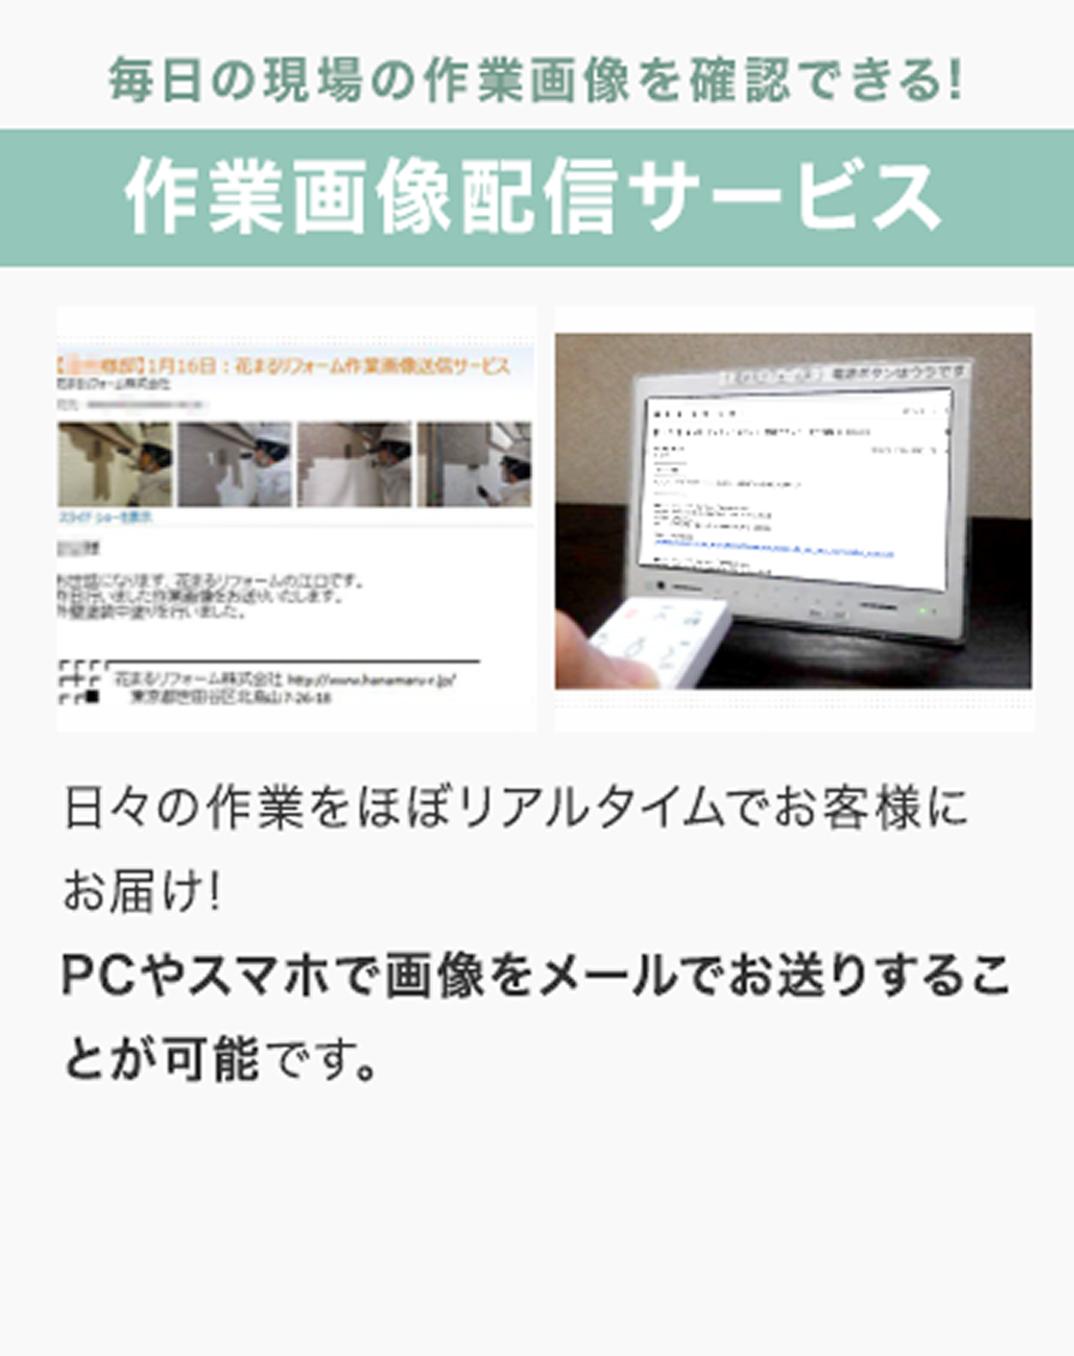 作業画像配信サービス